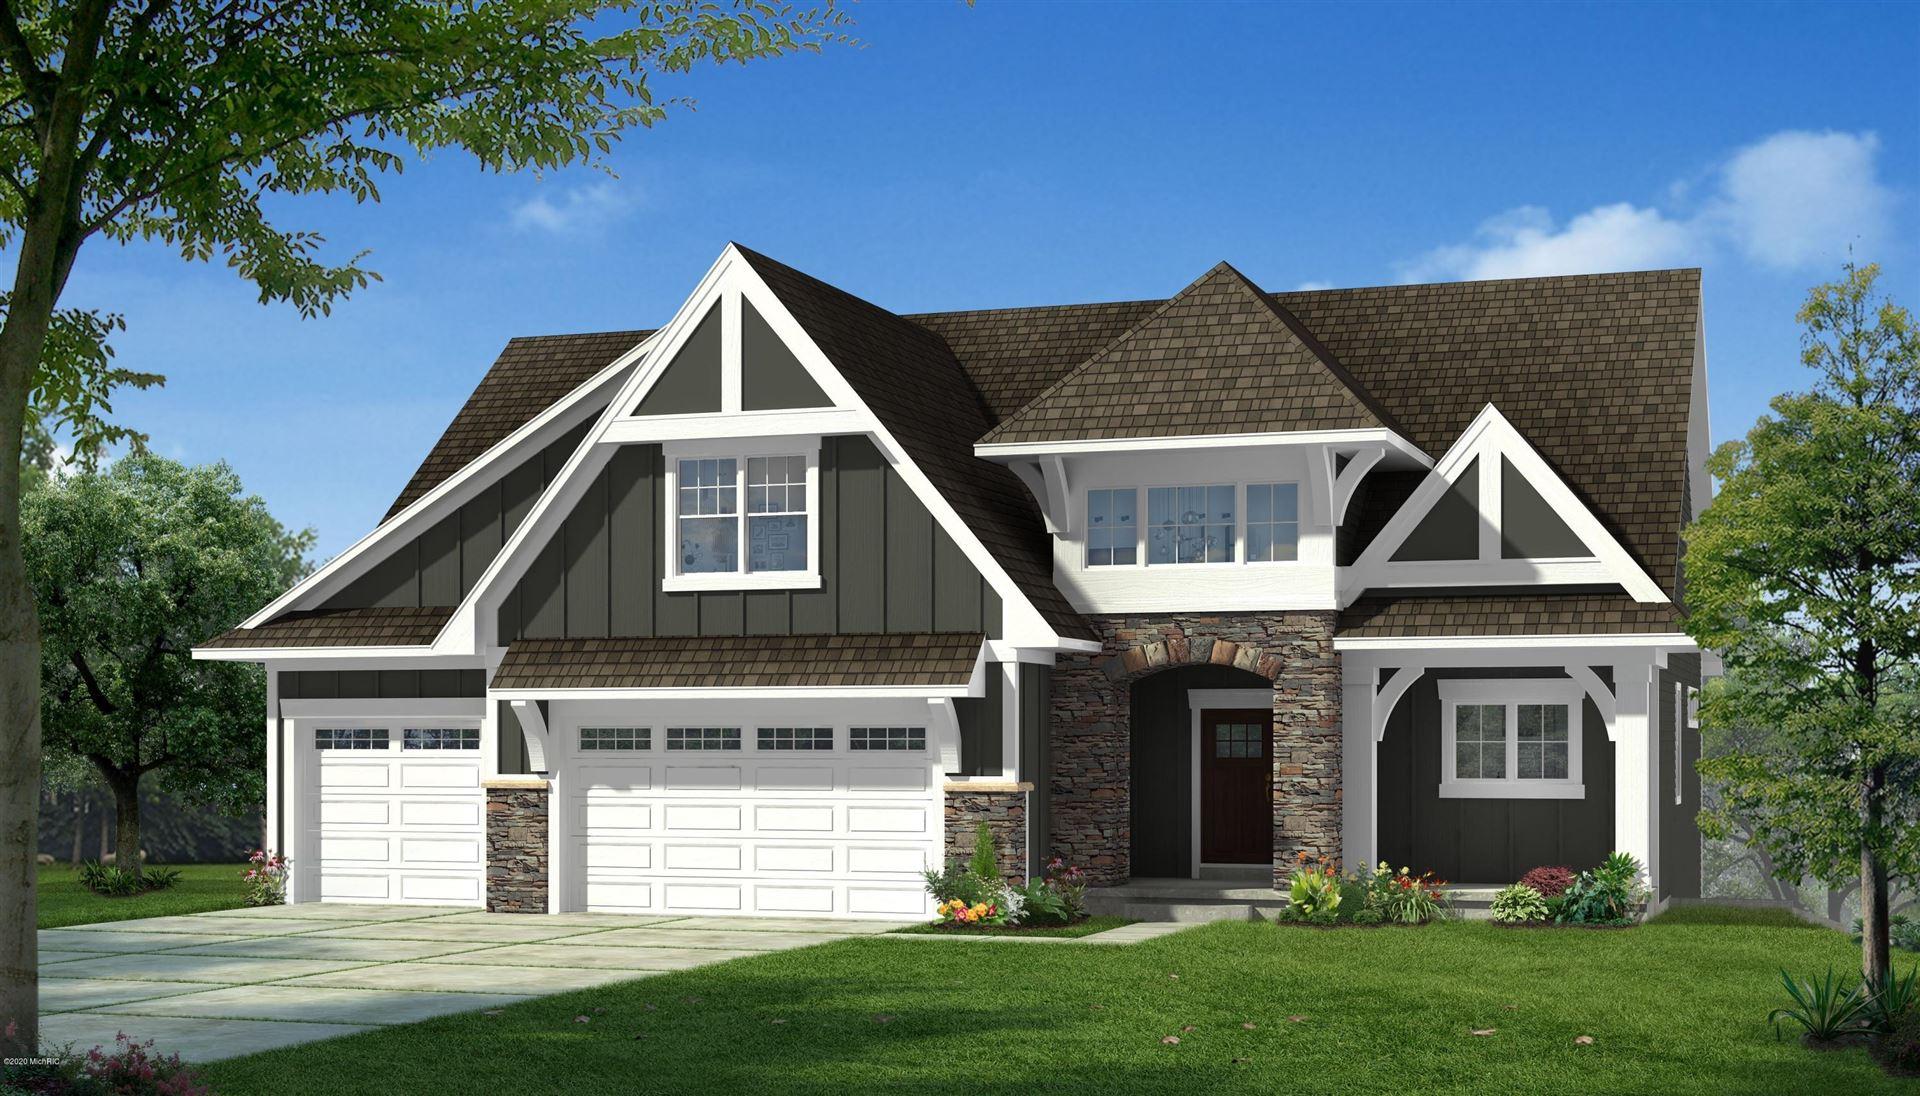 8194 Boardwalk Drive SW, Byron Center, MI 49315 - MLS#: 20006481